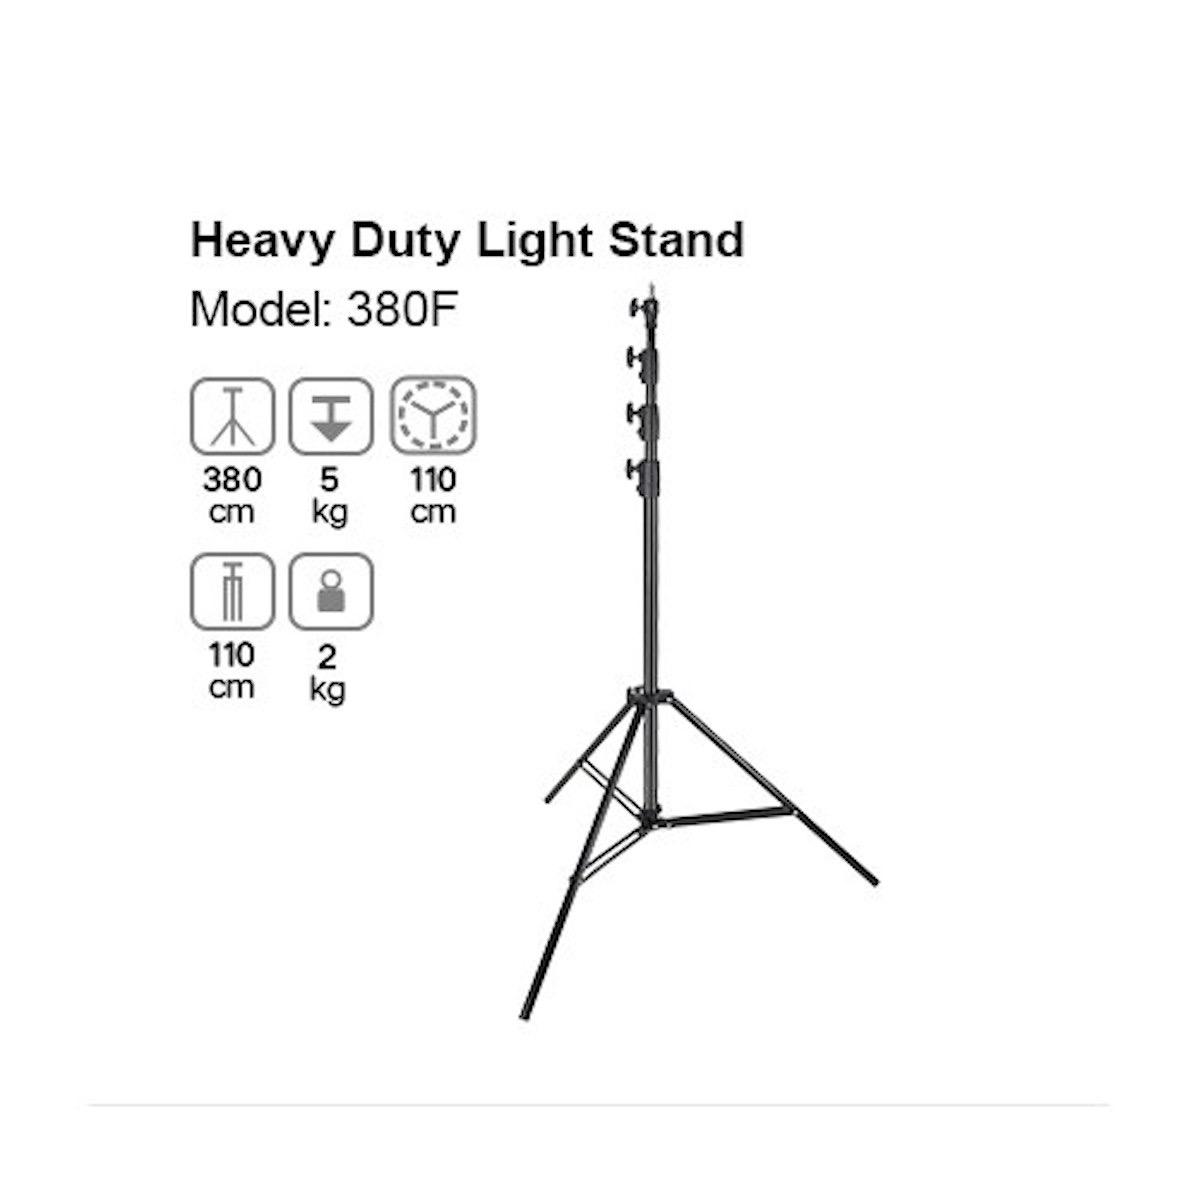 Godox 380F Heavy Duty Lichtstativ